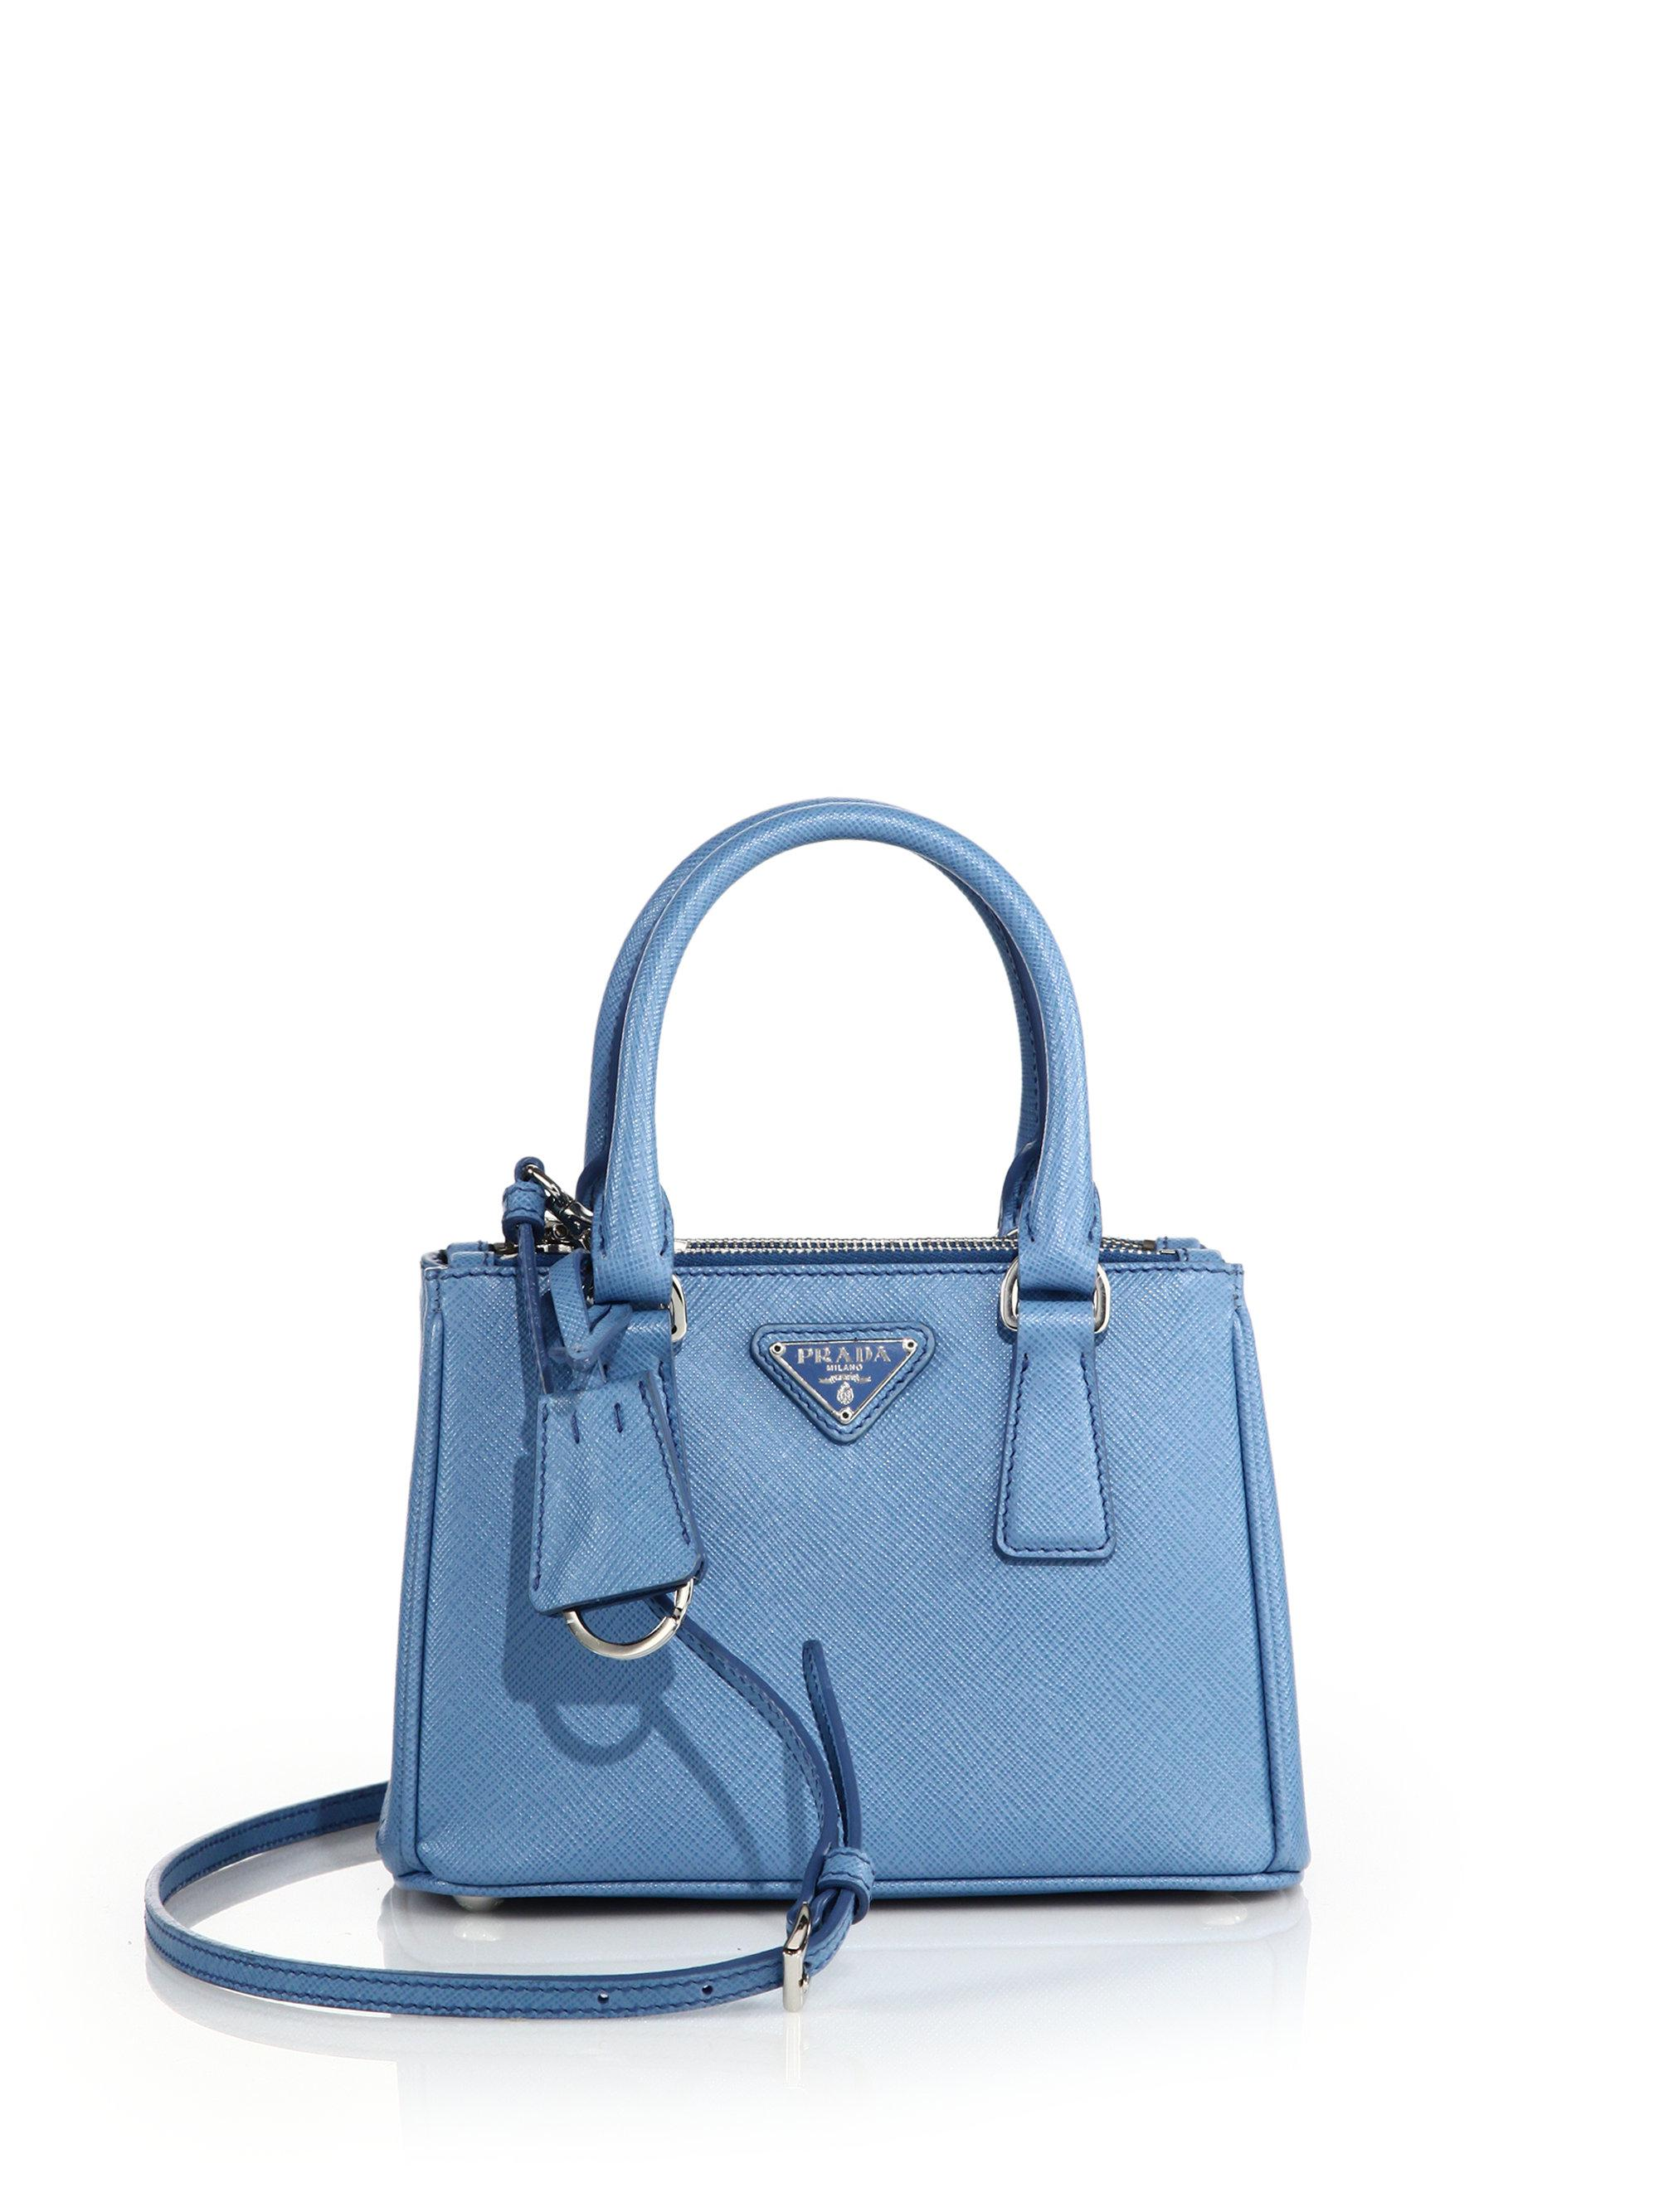 f7d4dfa5d7bc1e Prada Women's Mini Saffiano Leather Double-zip Satchel - Black in ...